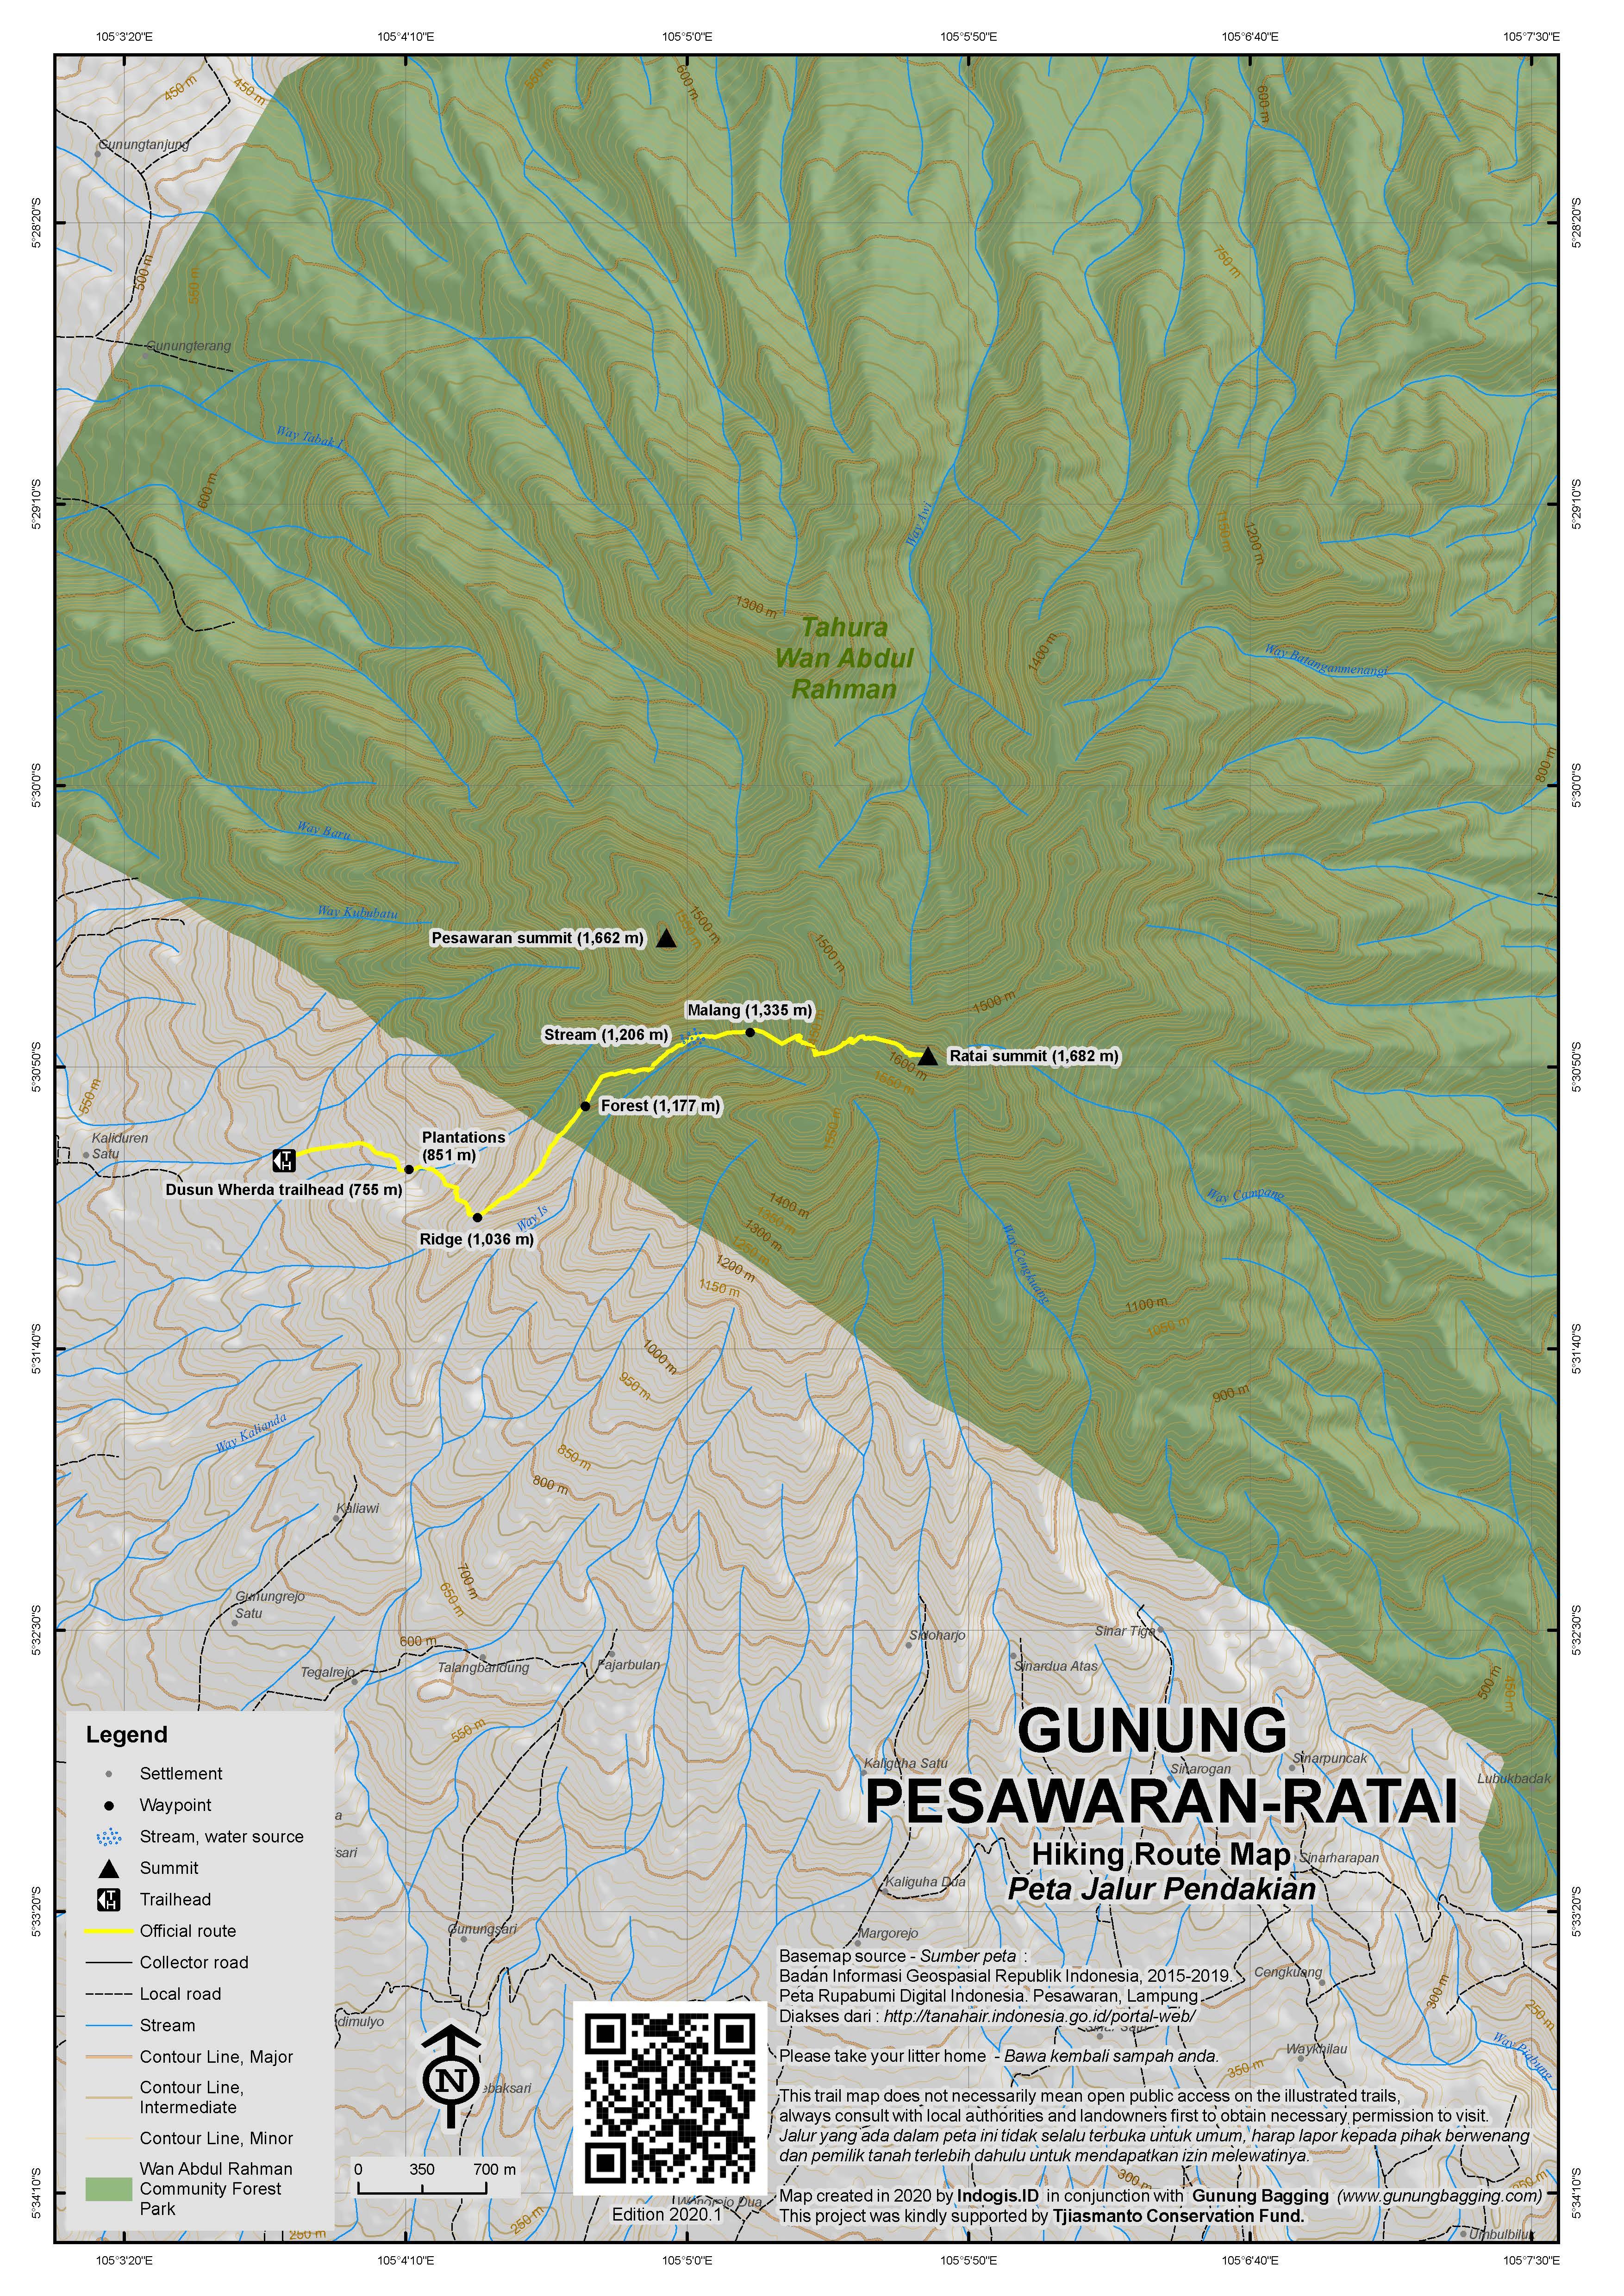 Peta Jalur Pendakian Gunung Pesawaran-Ratai